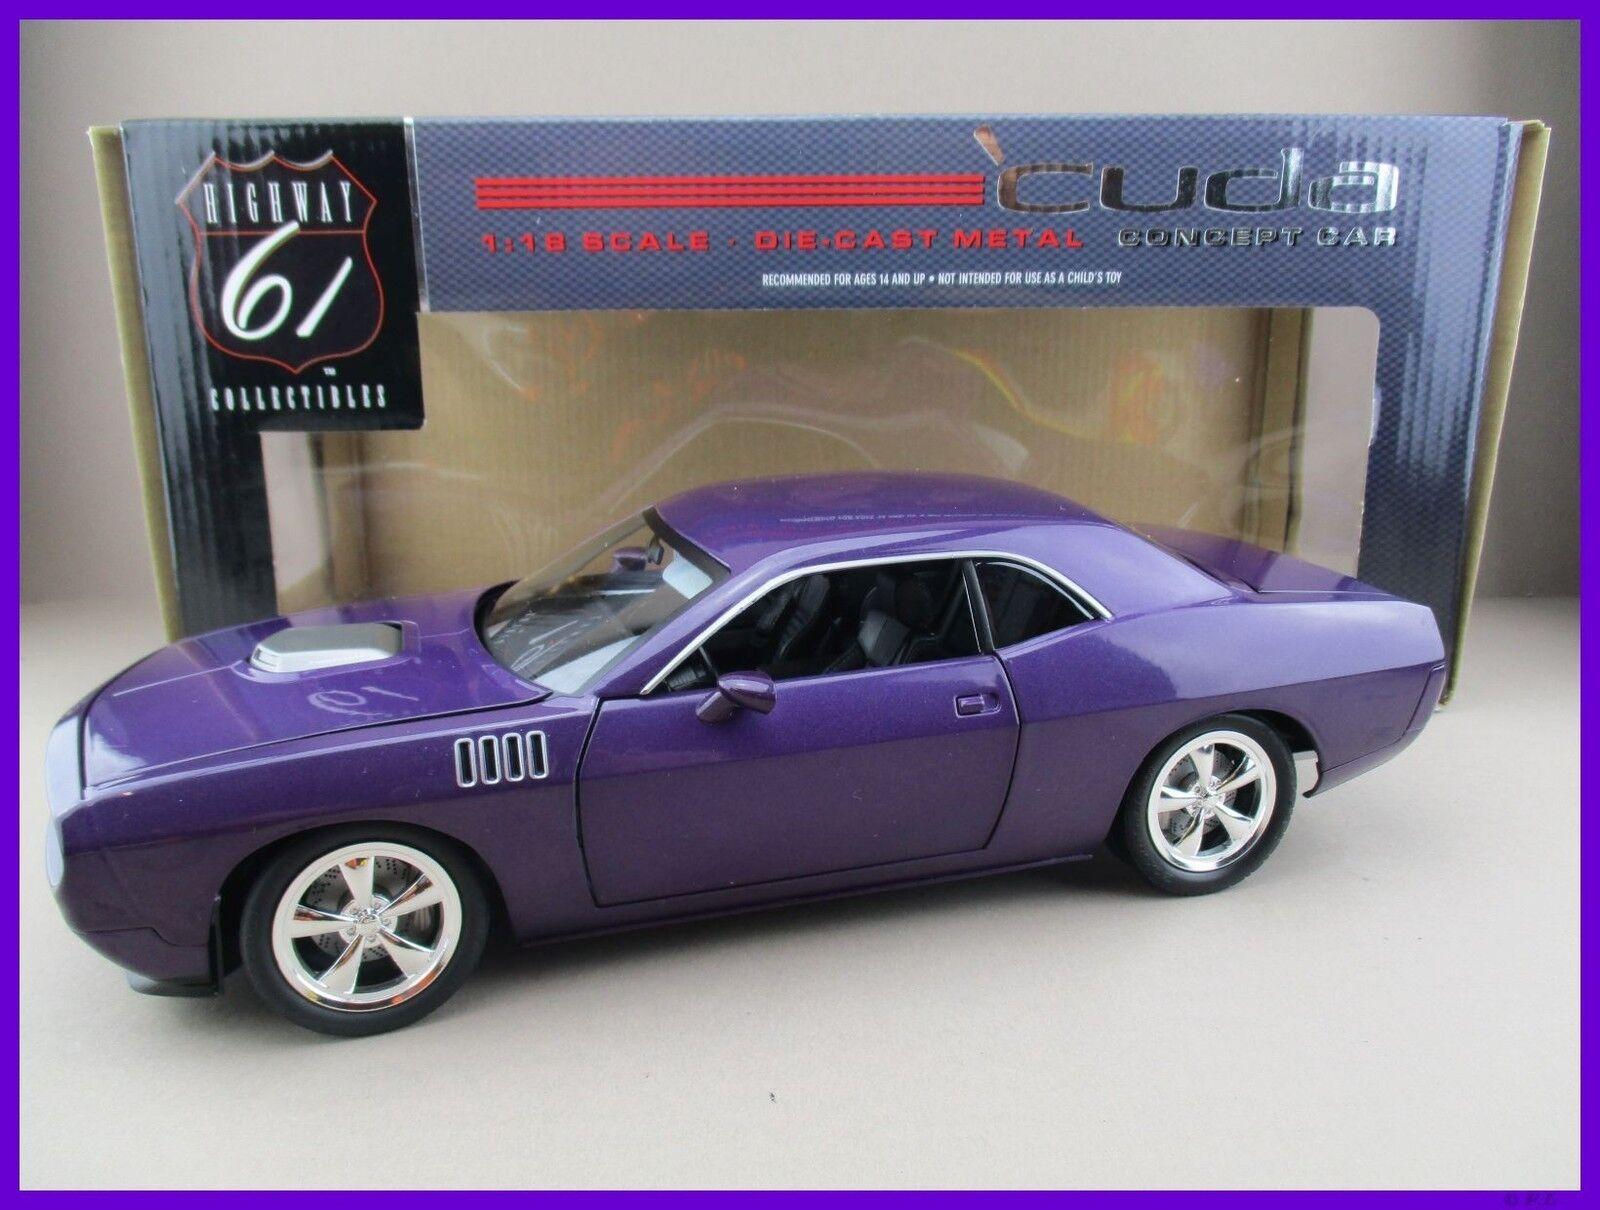 Plymout CUDA CONCEPT voiture  in violet Highway 61 Scale 1 18 OVP nouveau  haute qualité authentique